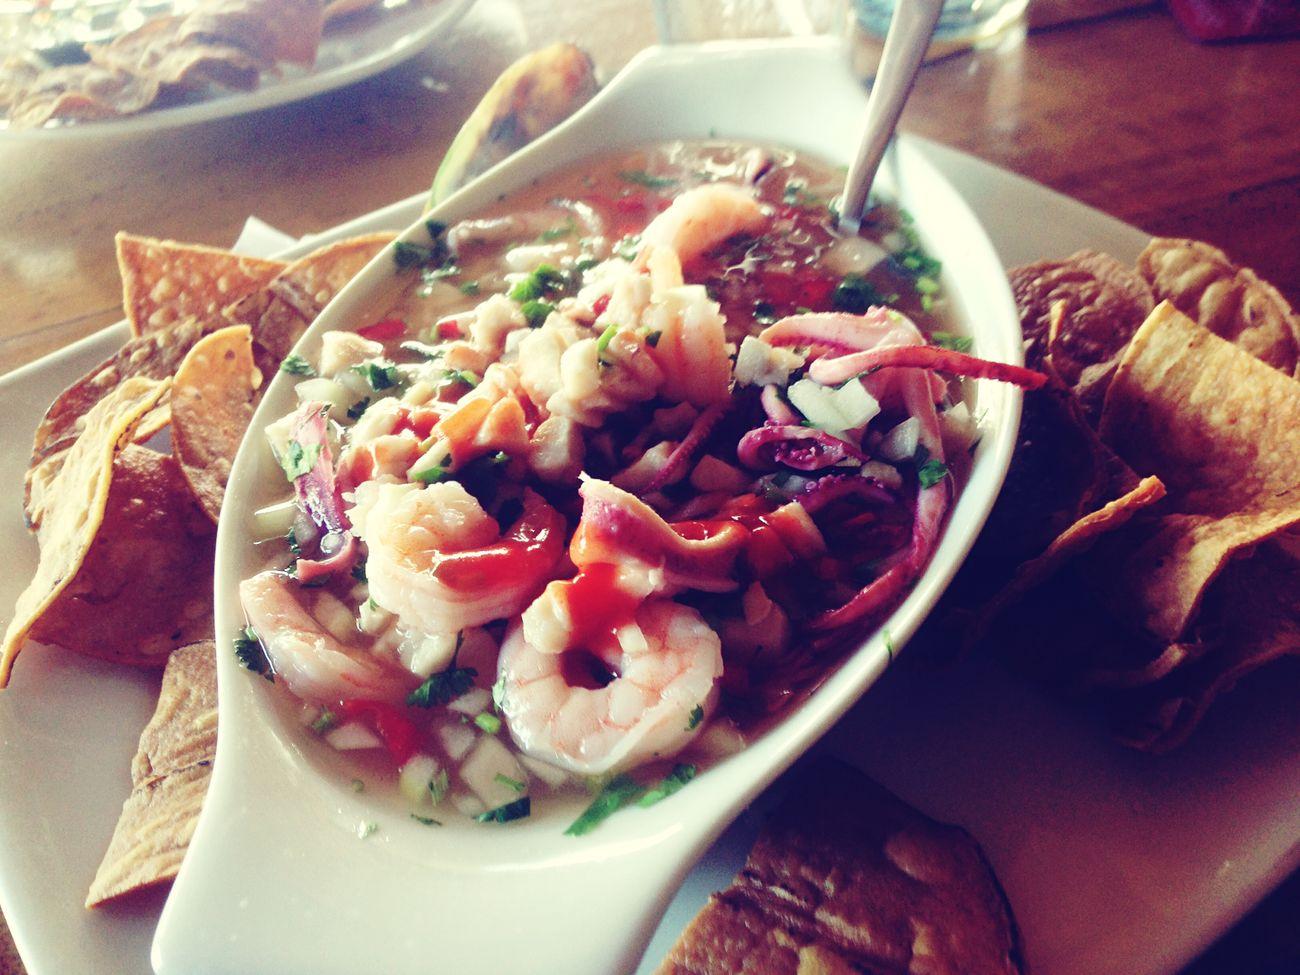 Enjoying The Food Restaurante Los Pilones hasta ahorita lo mejor! Ceviche Vuelve A La Vida